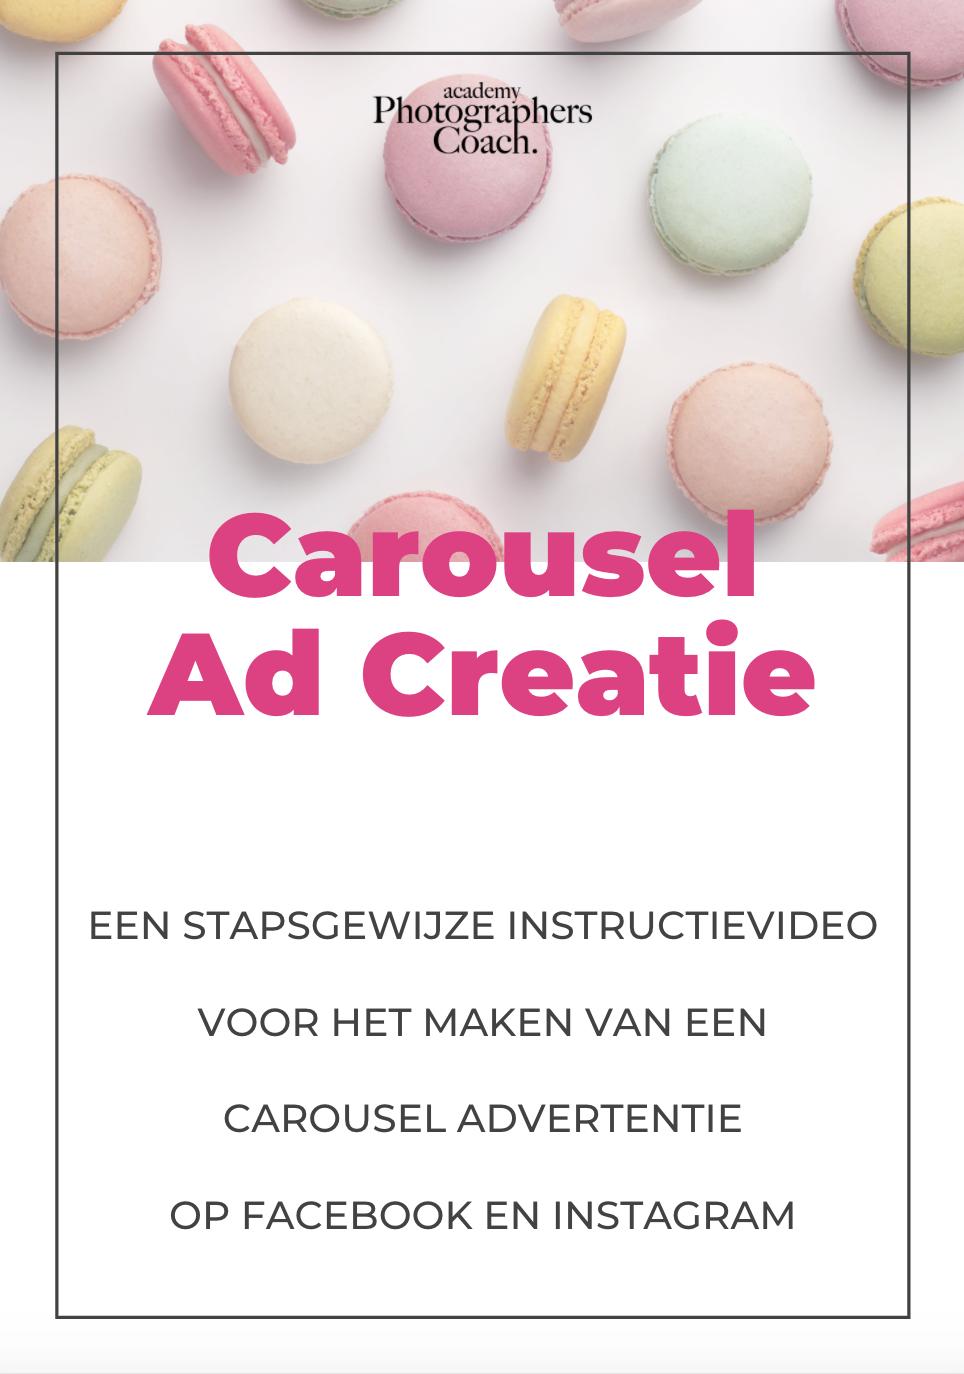 Bonus 3: Carousel Ad Creatie